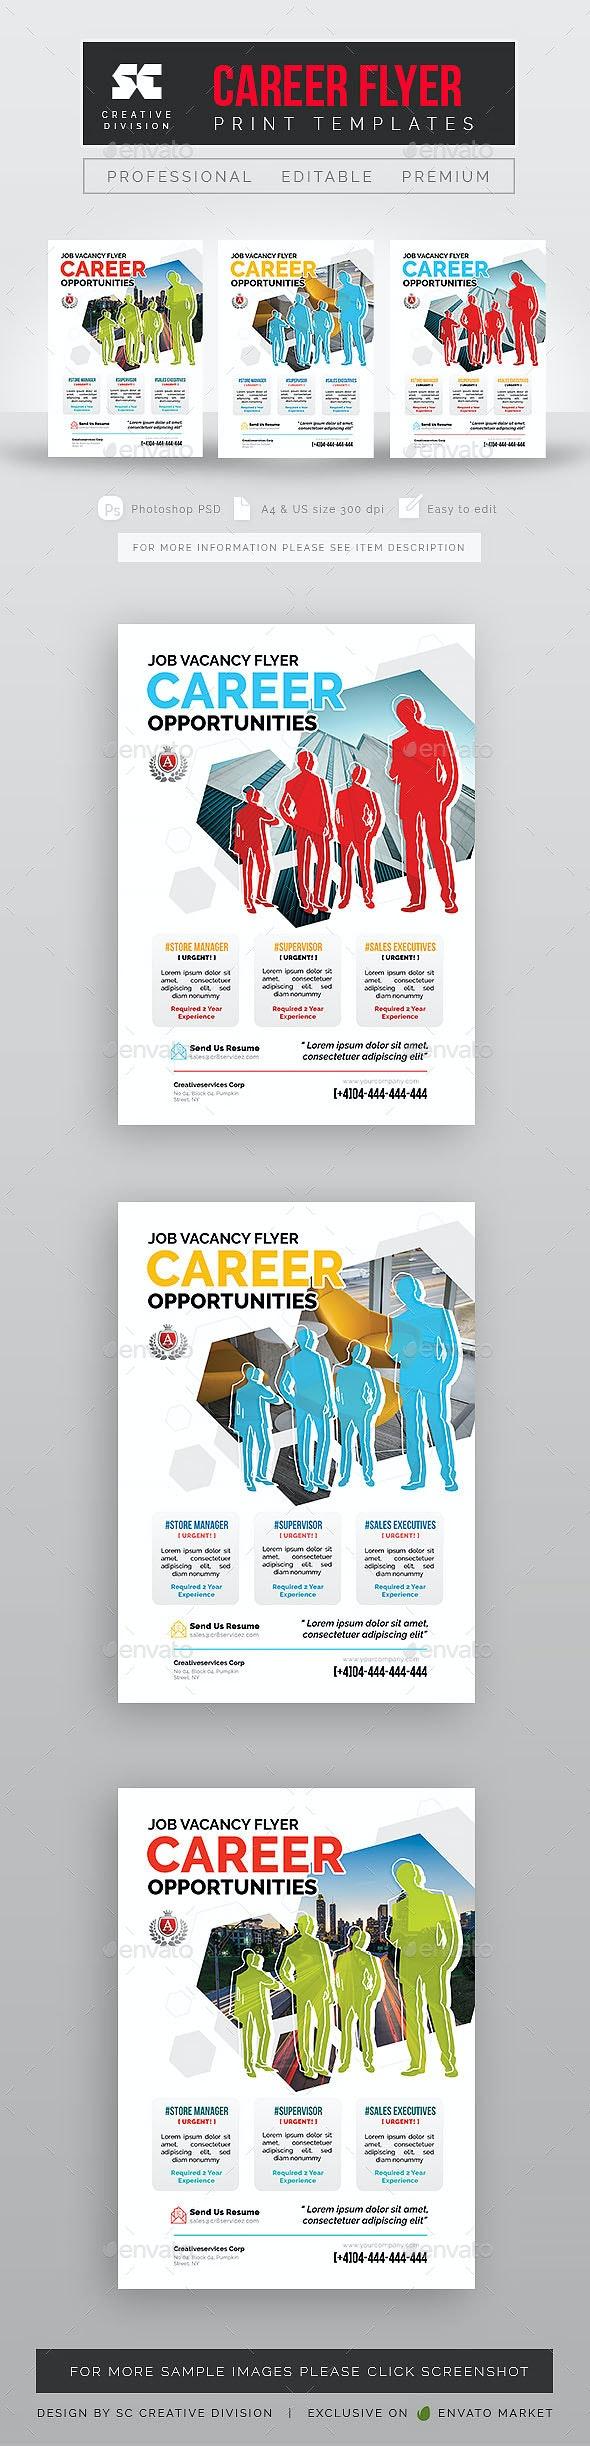 Career Vacancy Flyer - Corporate Flyers